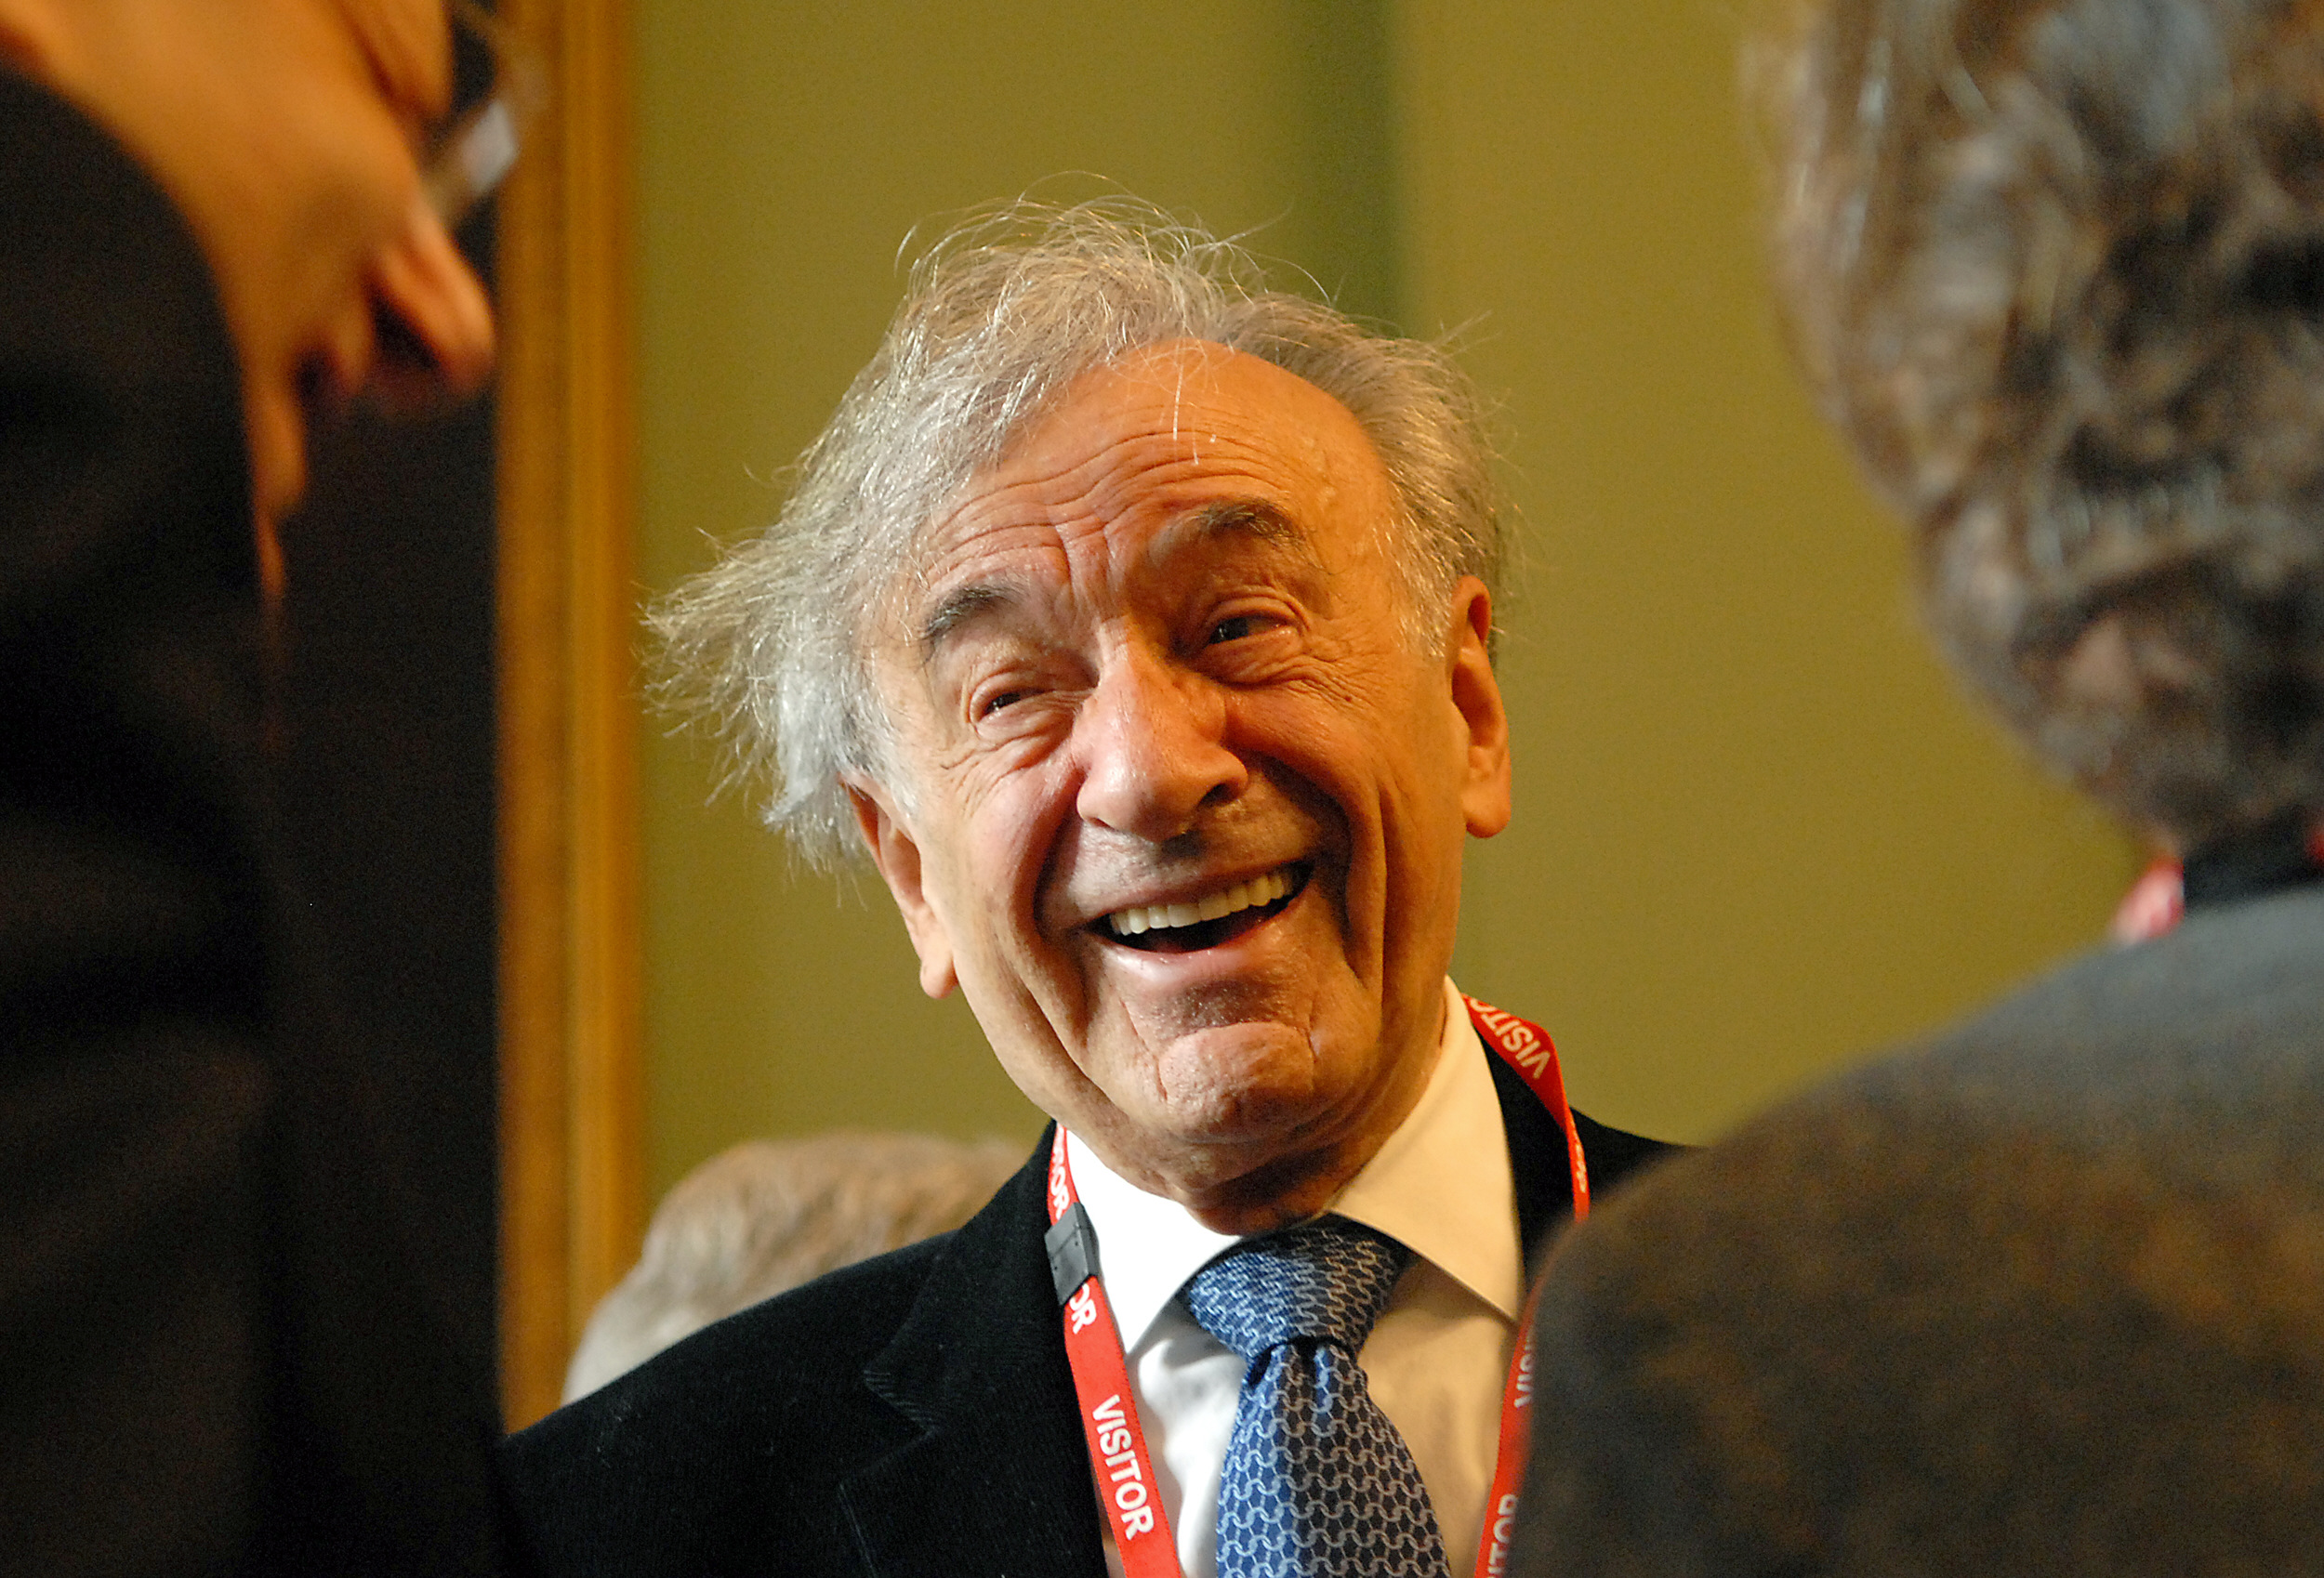 Prix Nobel de la paix Elie Wiesel s'est éteint à l'âge de 87 ans à son domicile new-yorkais. © BERTRAND LANGLOIS / AFP